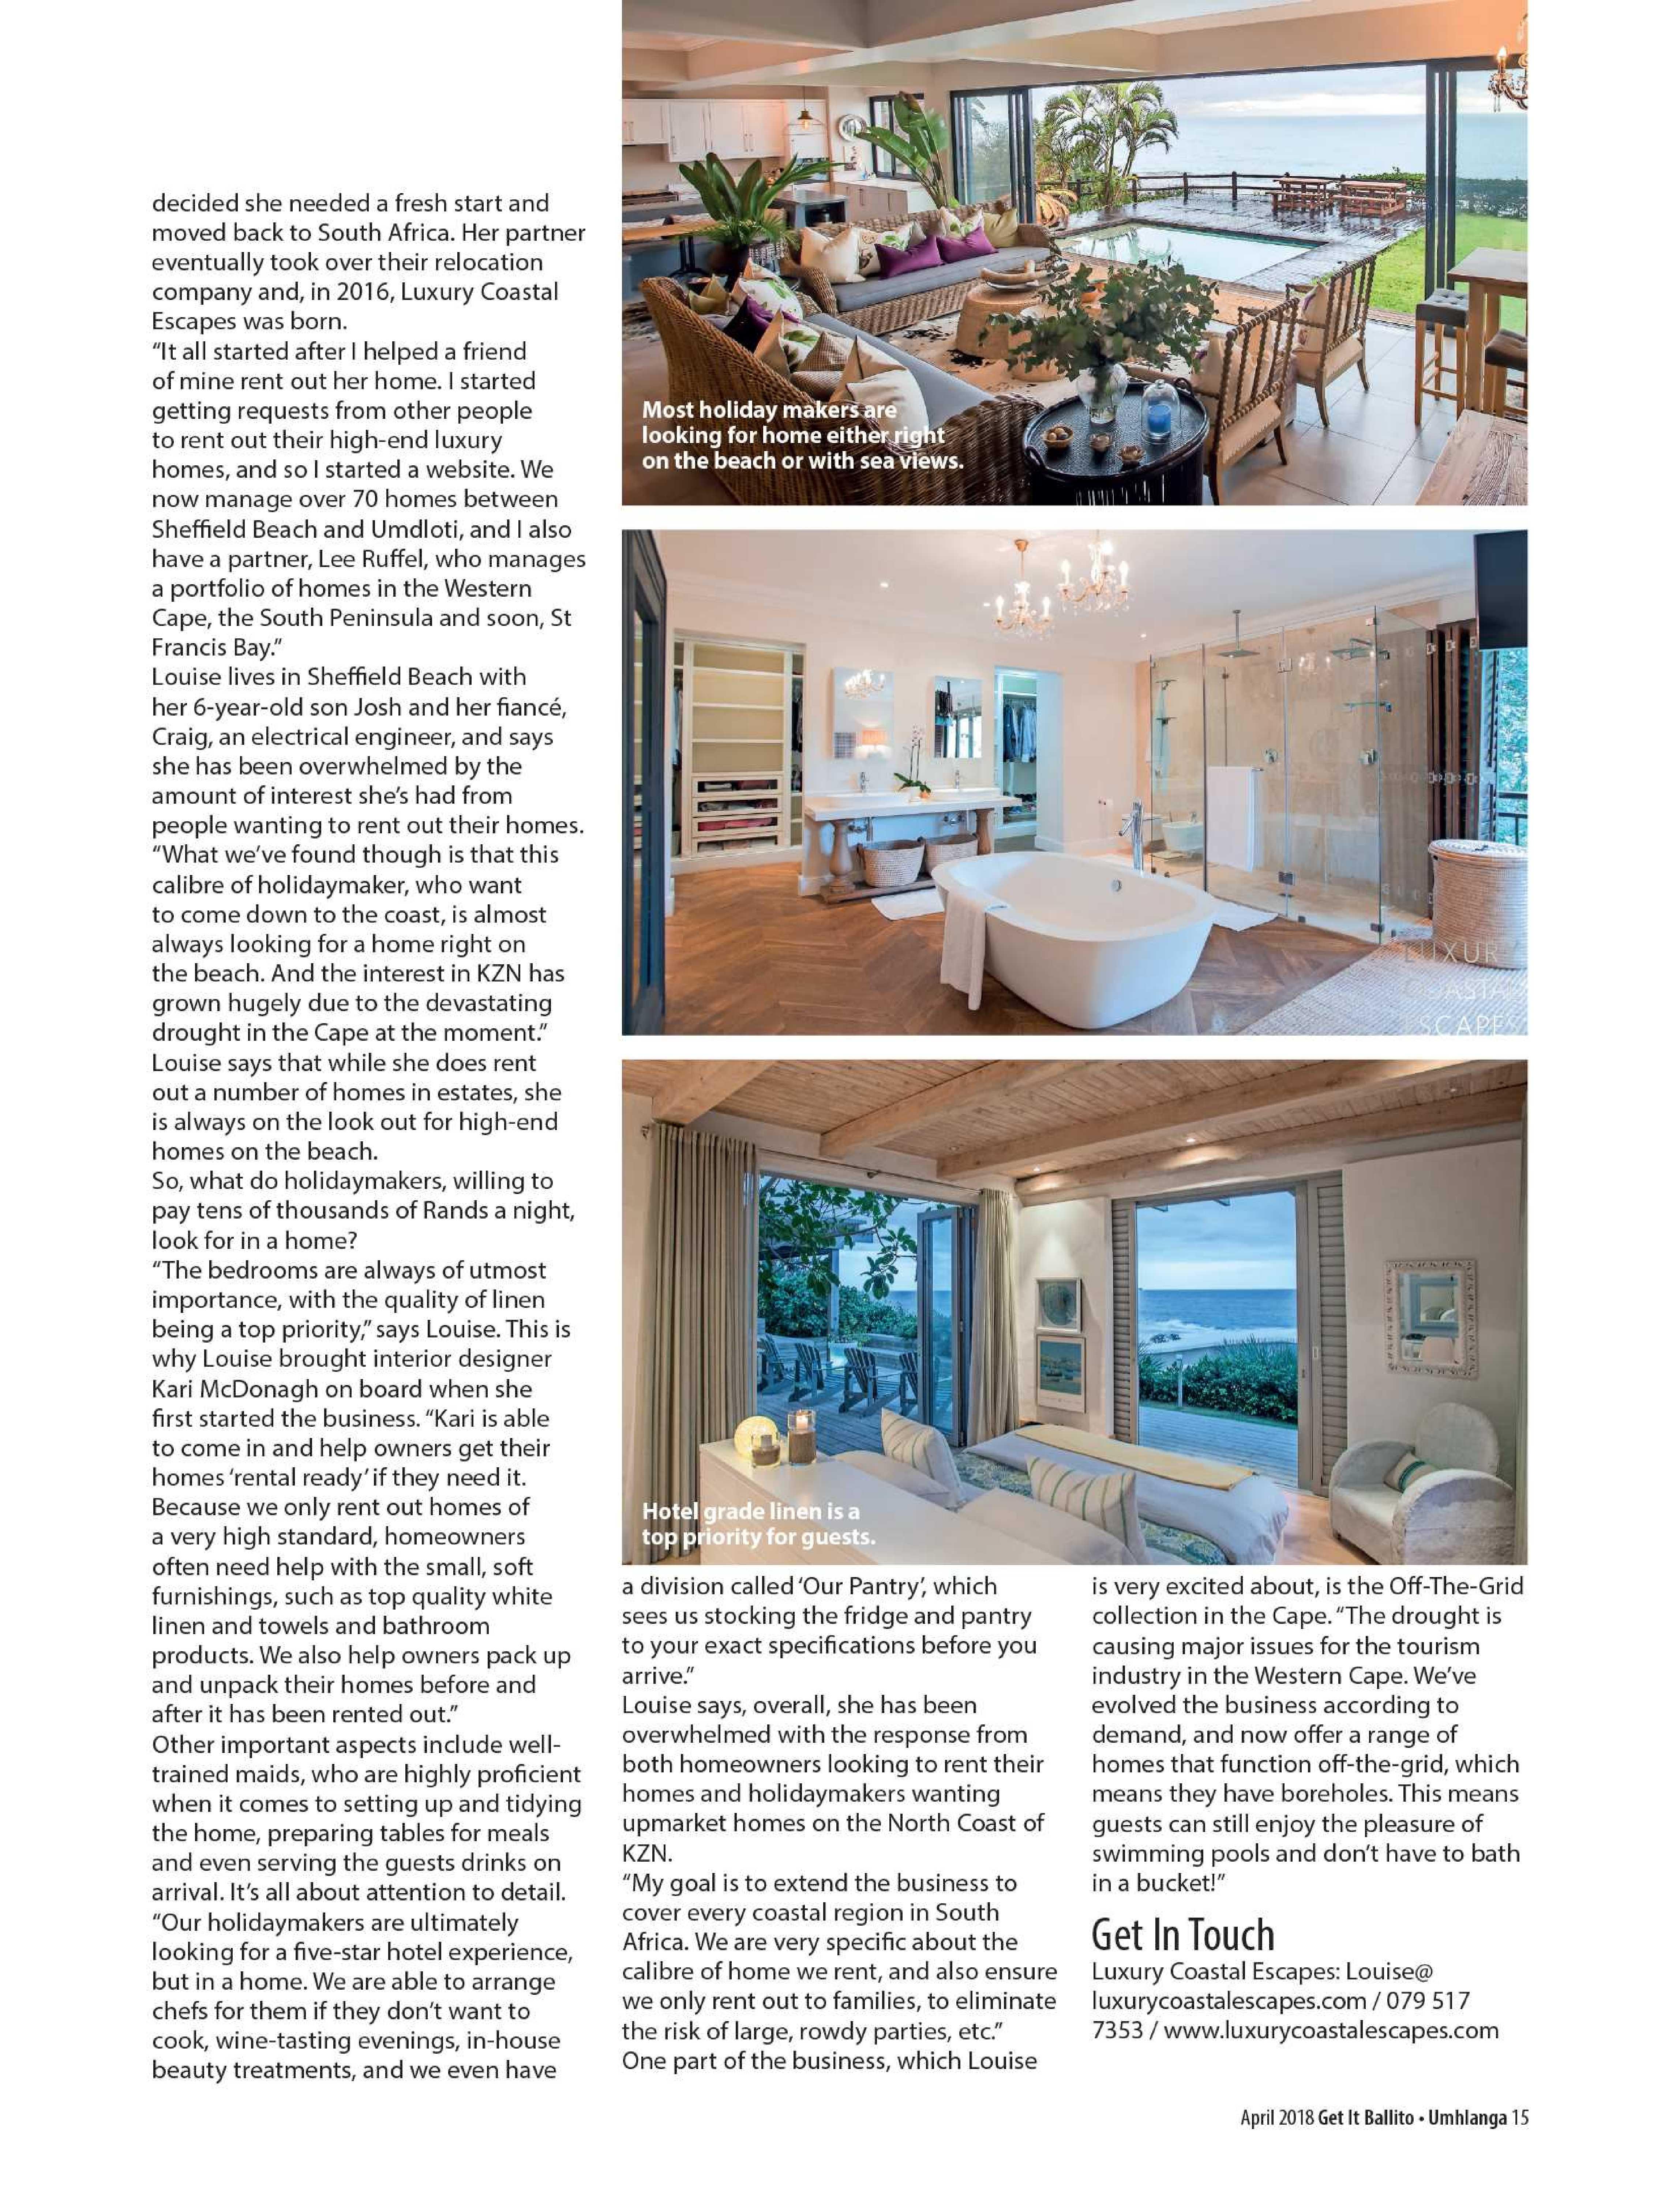 get-magazine-ballitoumhlanga-april-2018-epapers-page-17